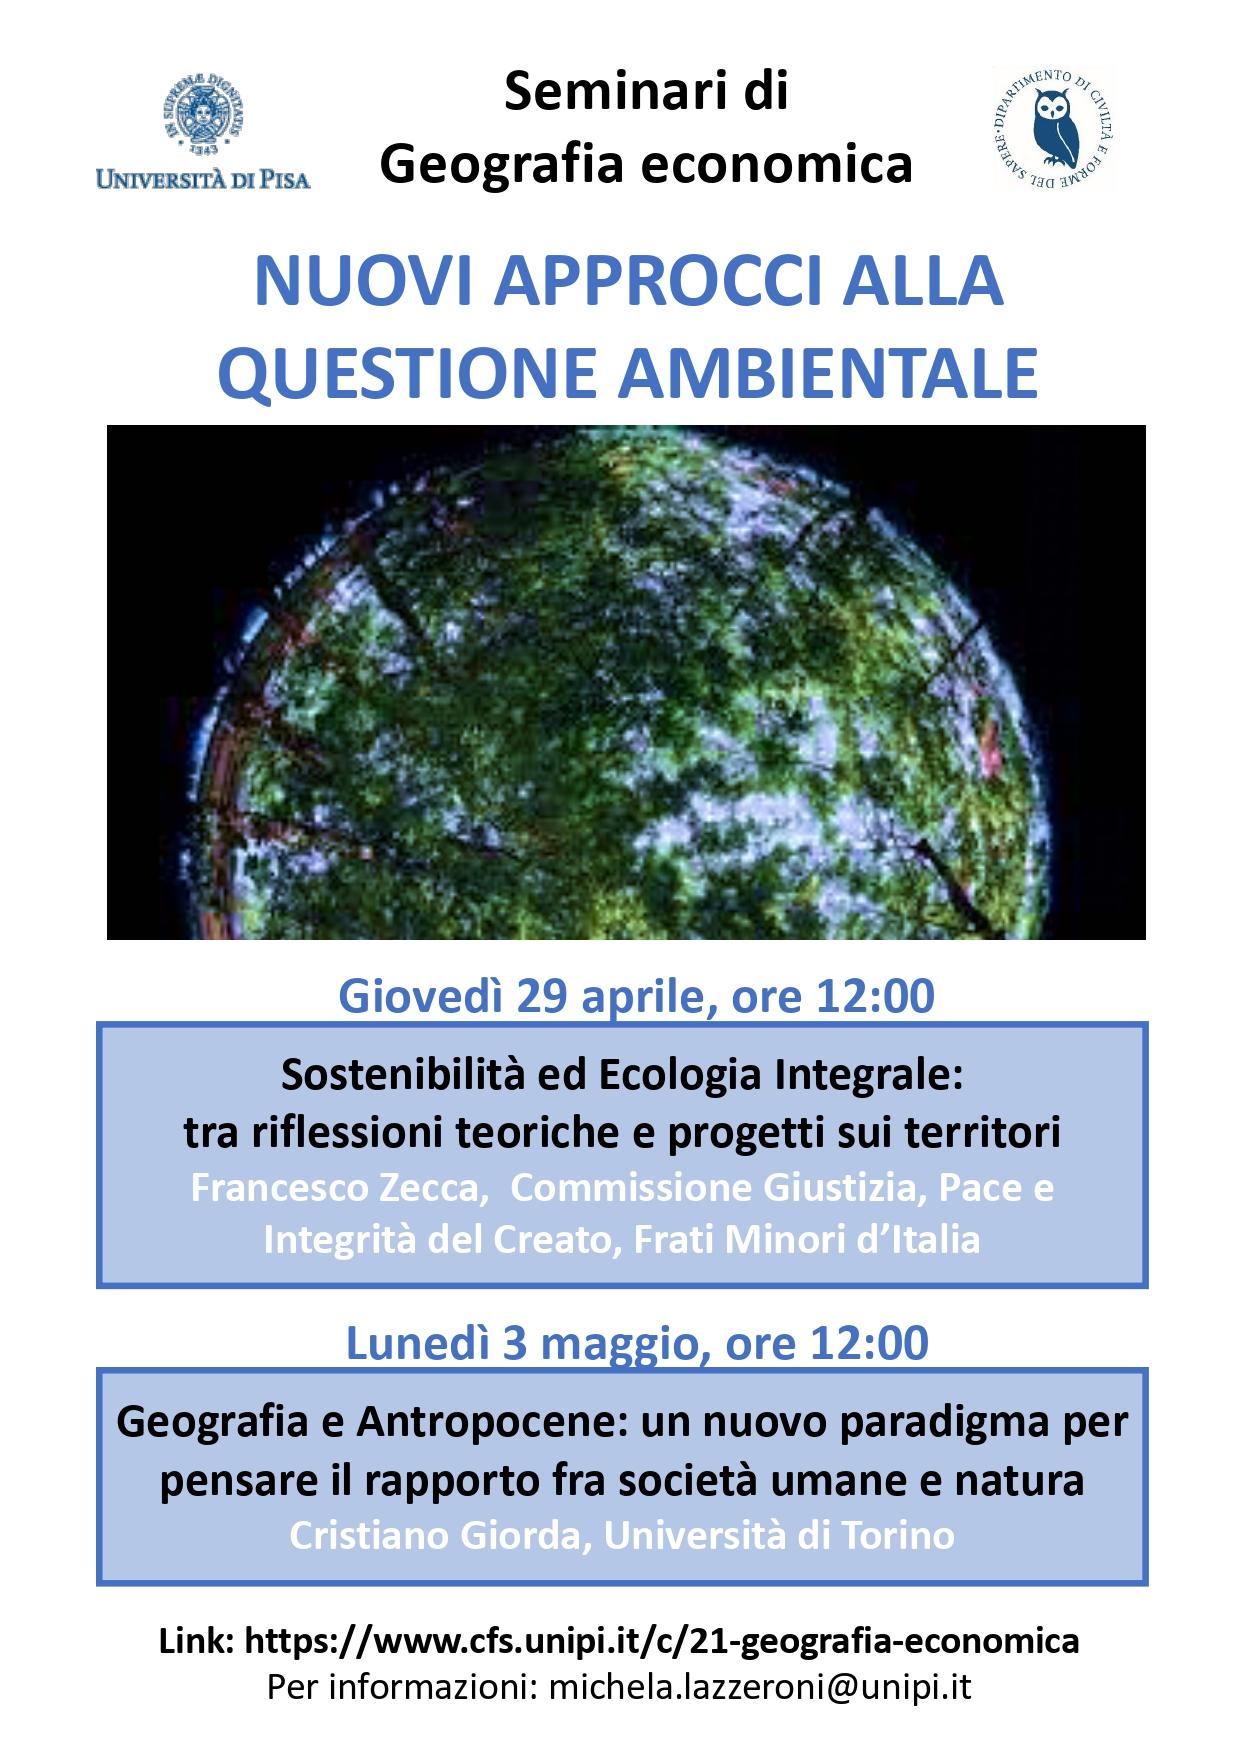 Seminari Questione ambientale